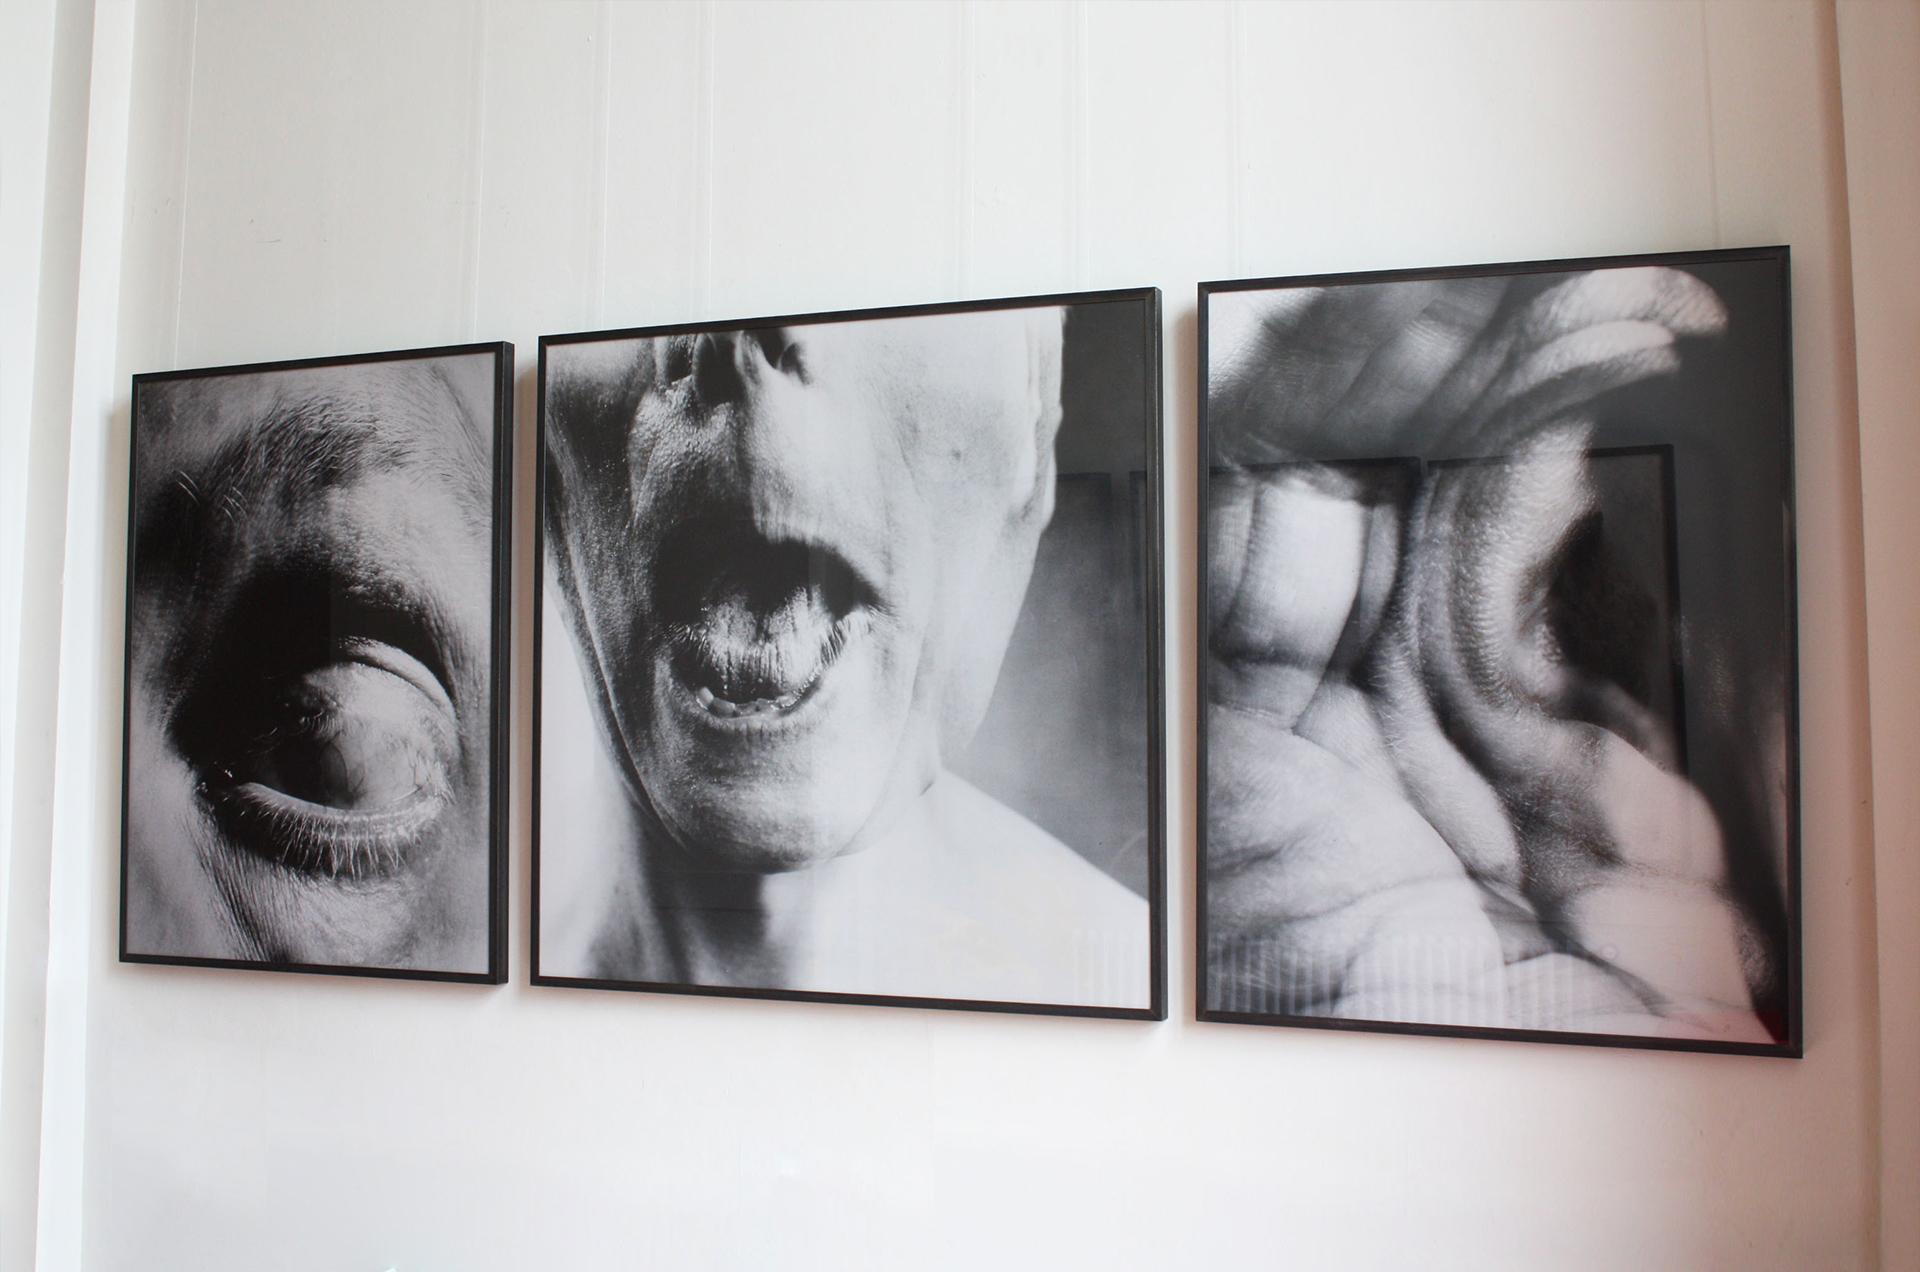 © Teresa Reichert Fragile Fragmente